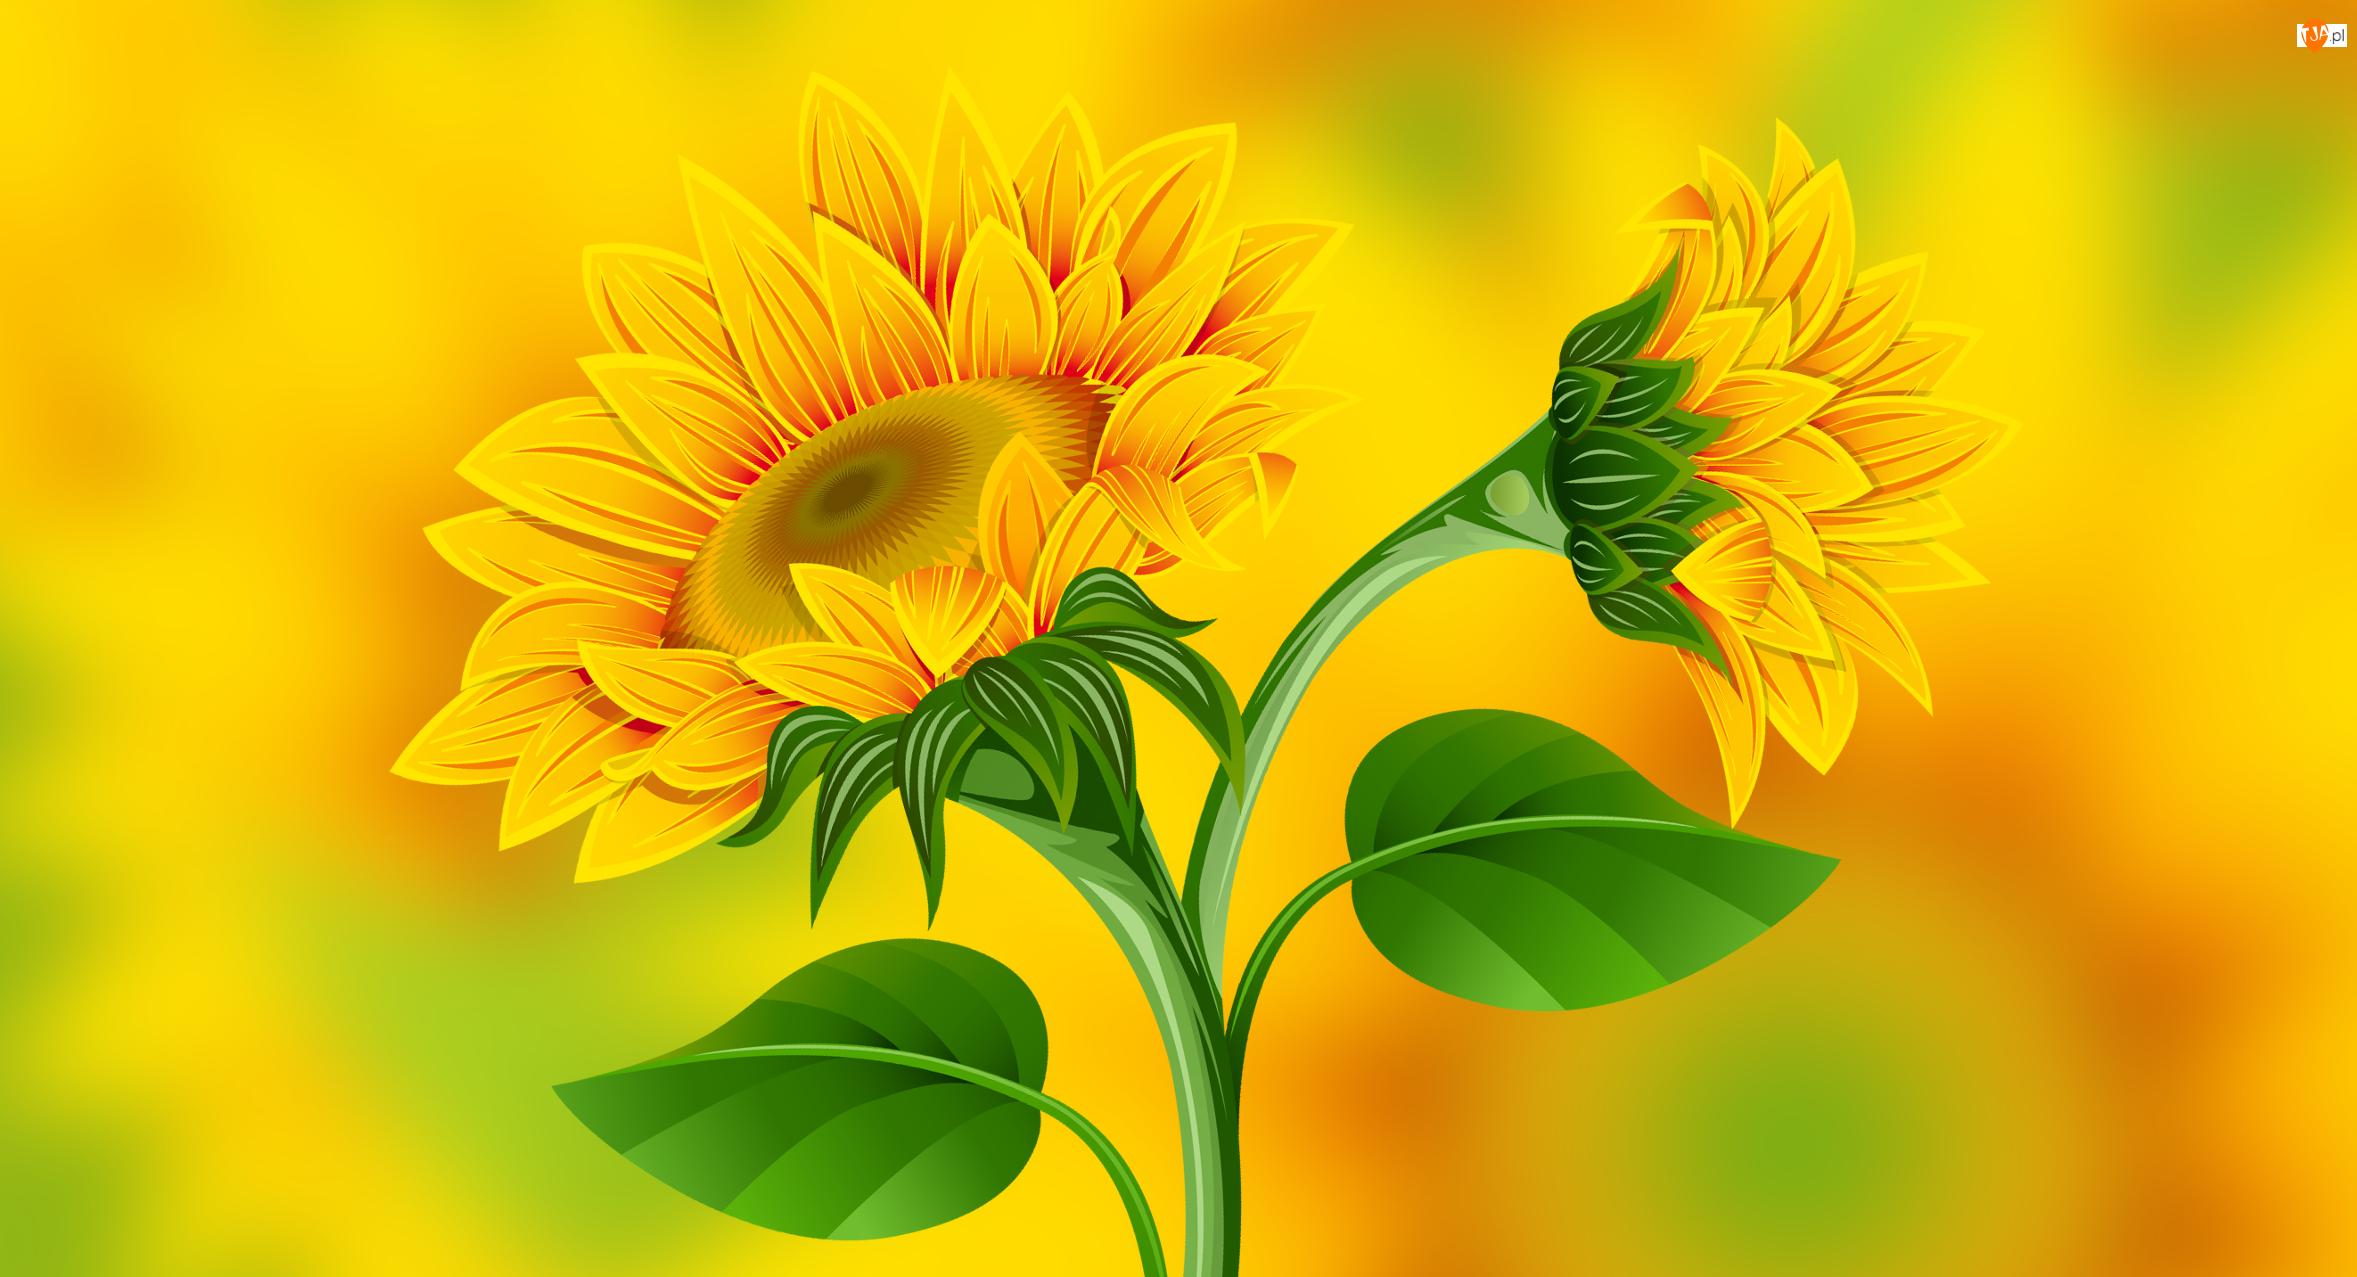 Tło, Słoneczniki ozdobne, Żółte